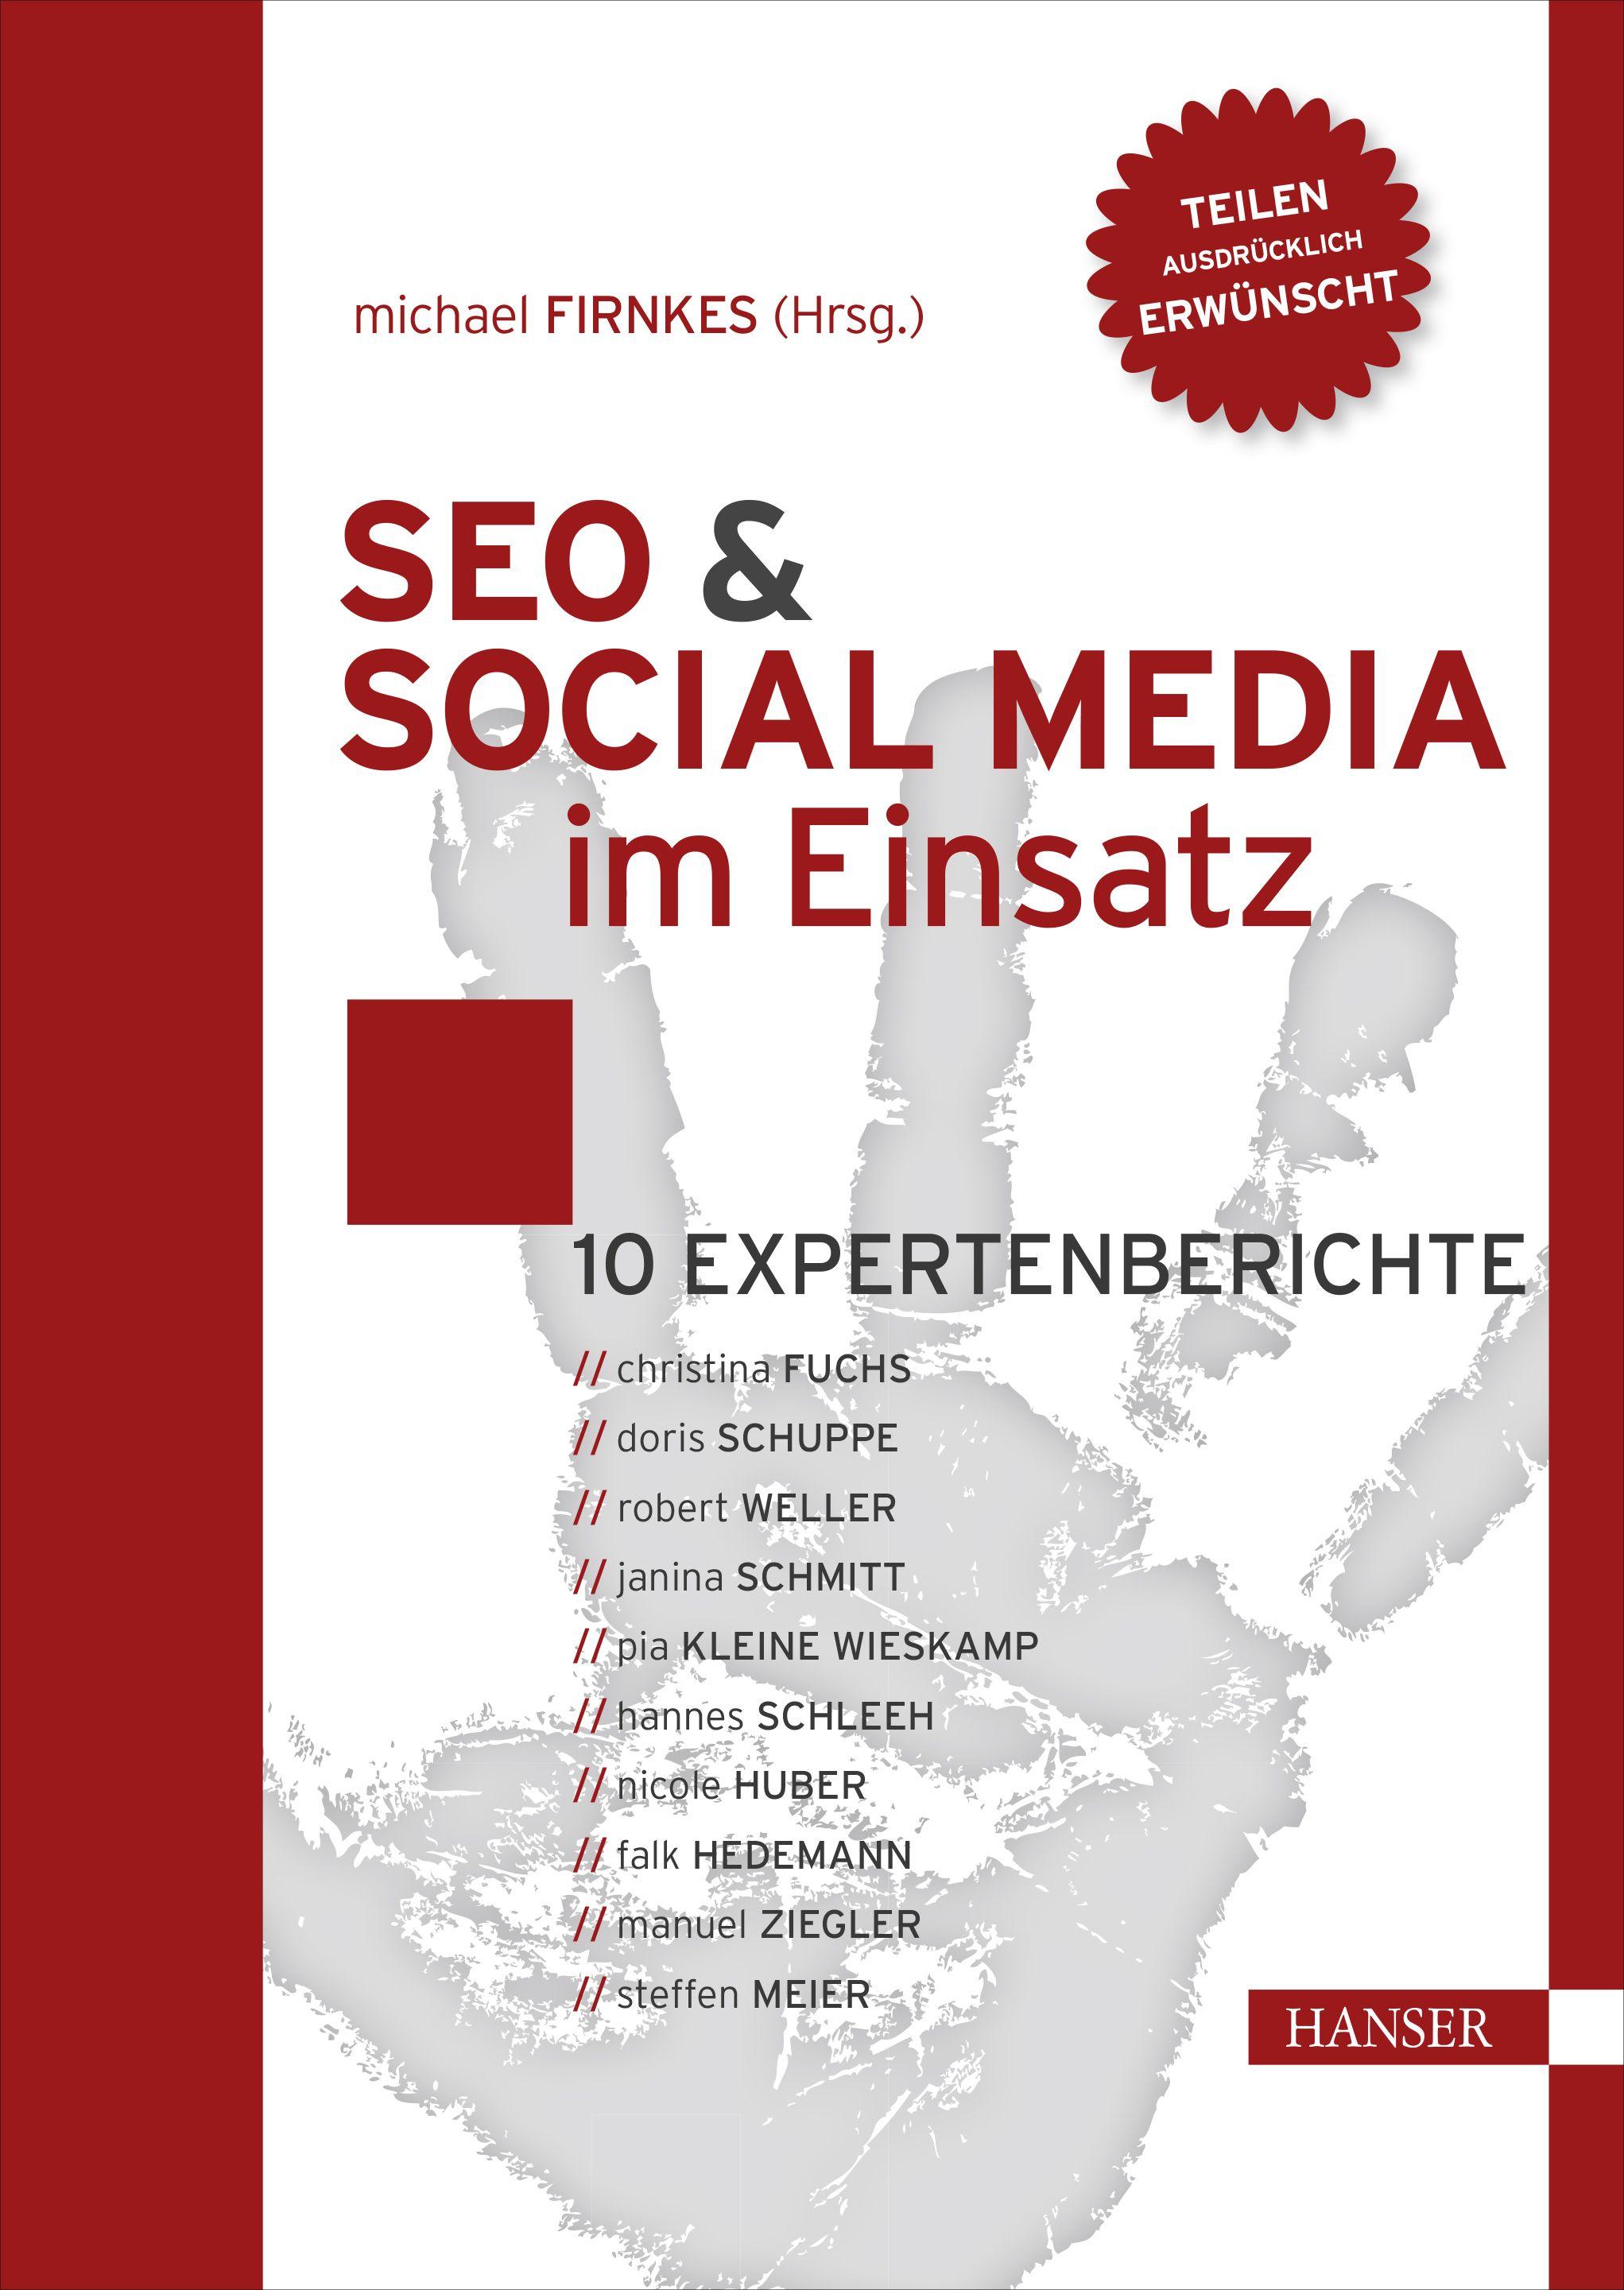 """Umschlag E-Book """"Firnkes Seo und Social Media im Einsatz"""" (Quelle: Hansa Fachbuchverlag)"""